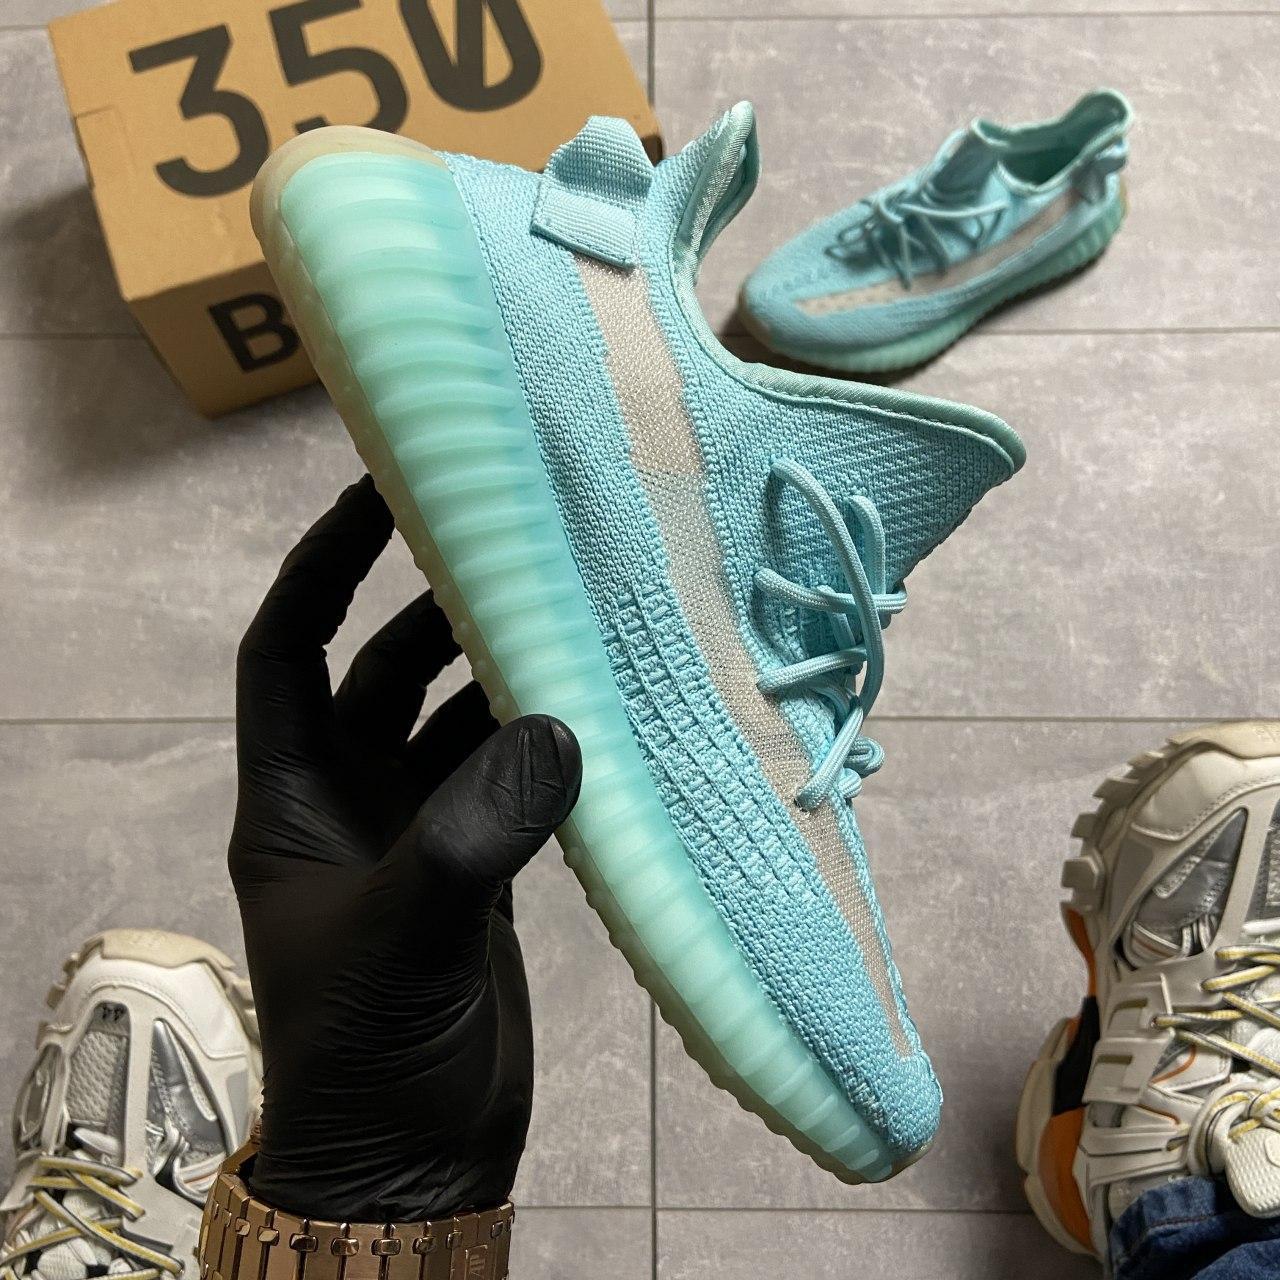 Кроссовки Adidas Yeezy Boost 350 v2 Blue голубой синий 🔥 Адидас мужские кроссовки Синий Цвет 🔥